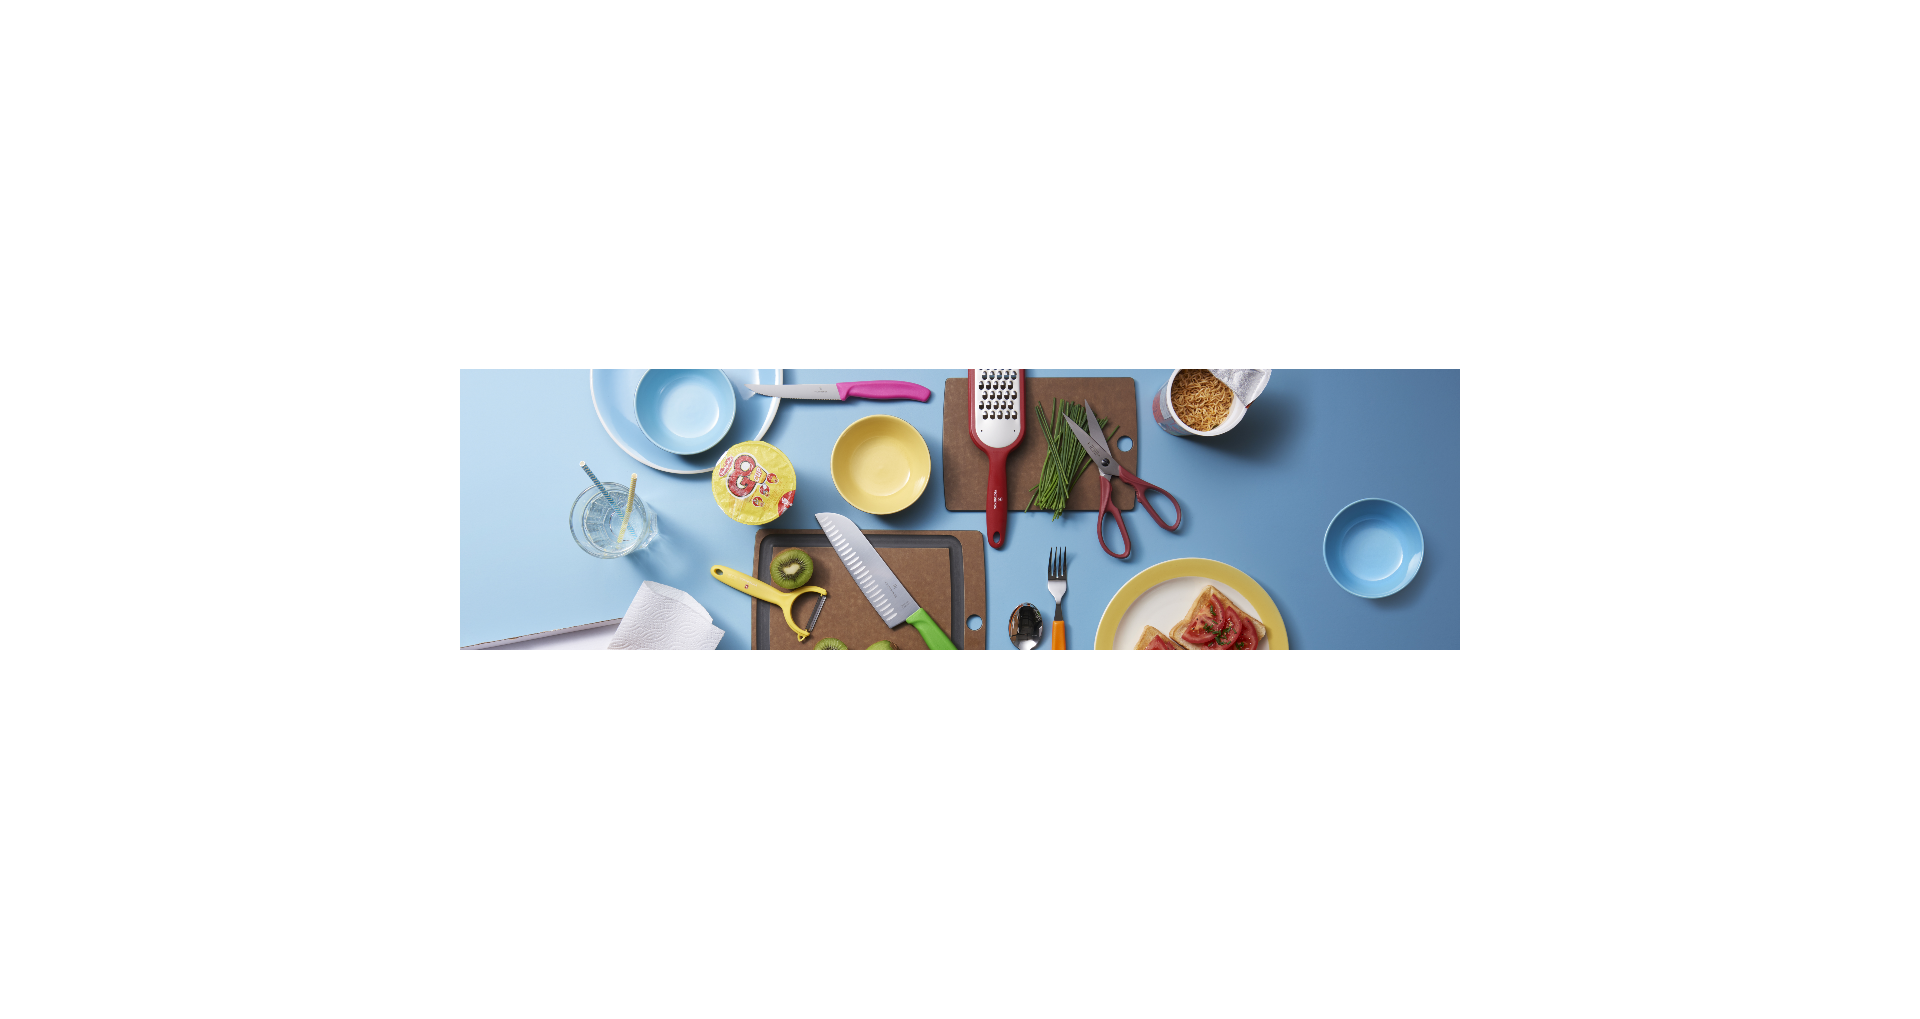 Virtuviniai peiliai ir virtuvės reikmenys